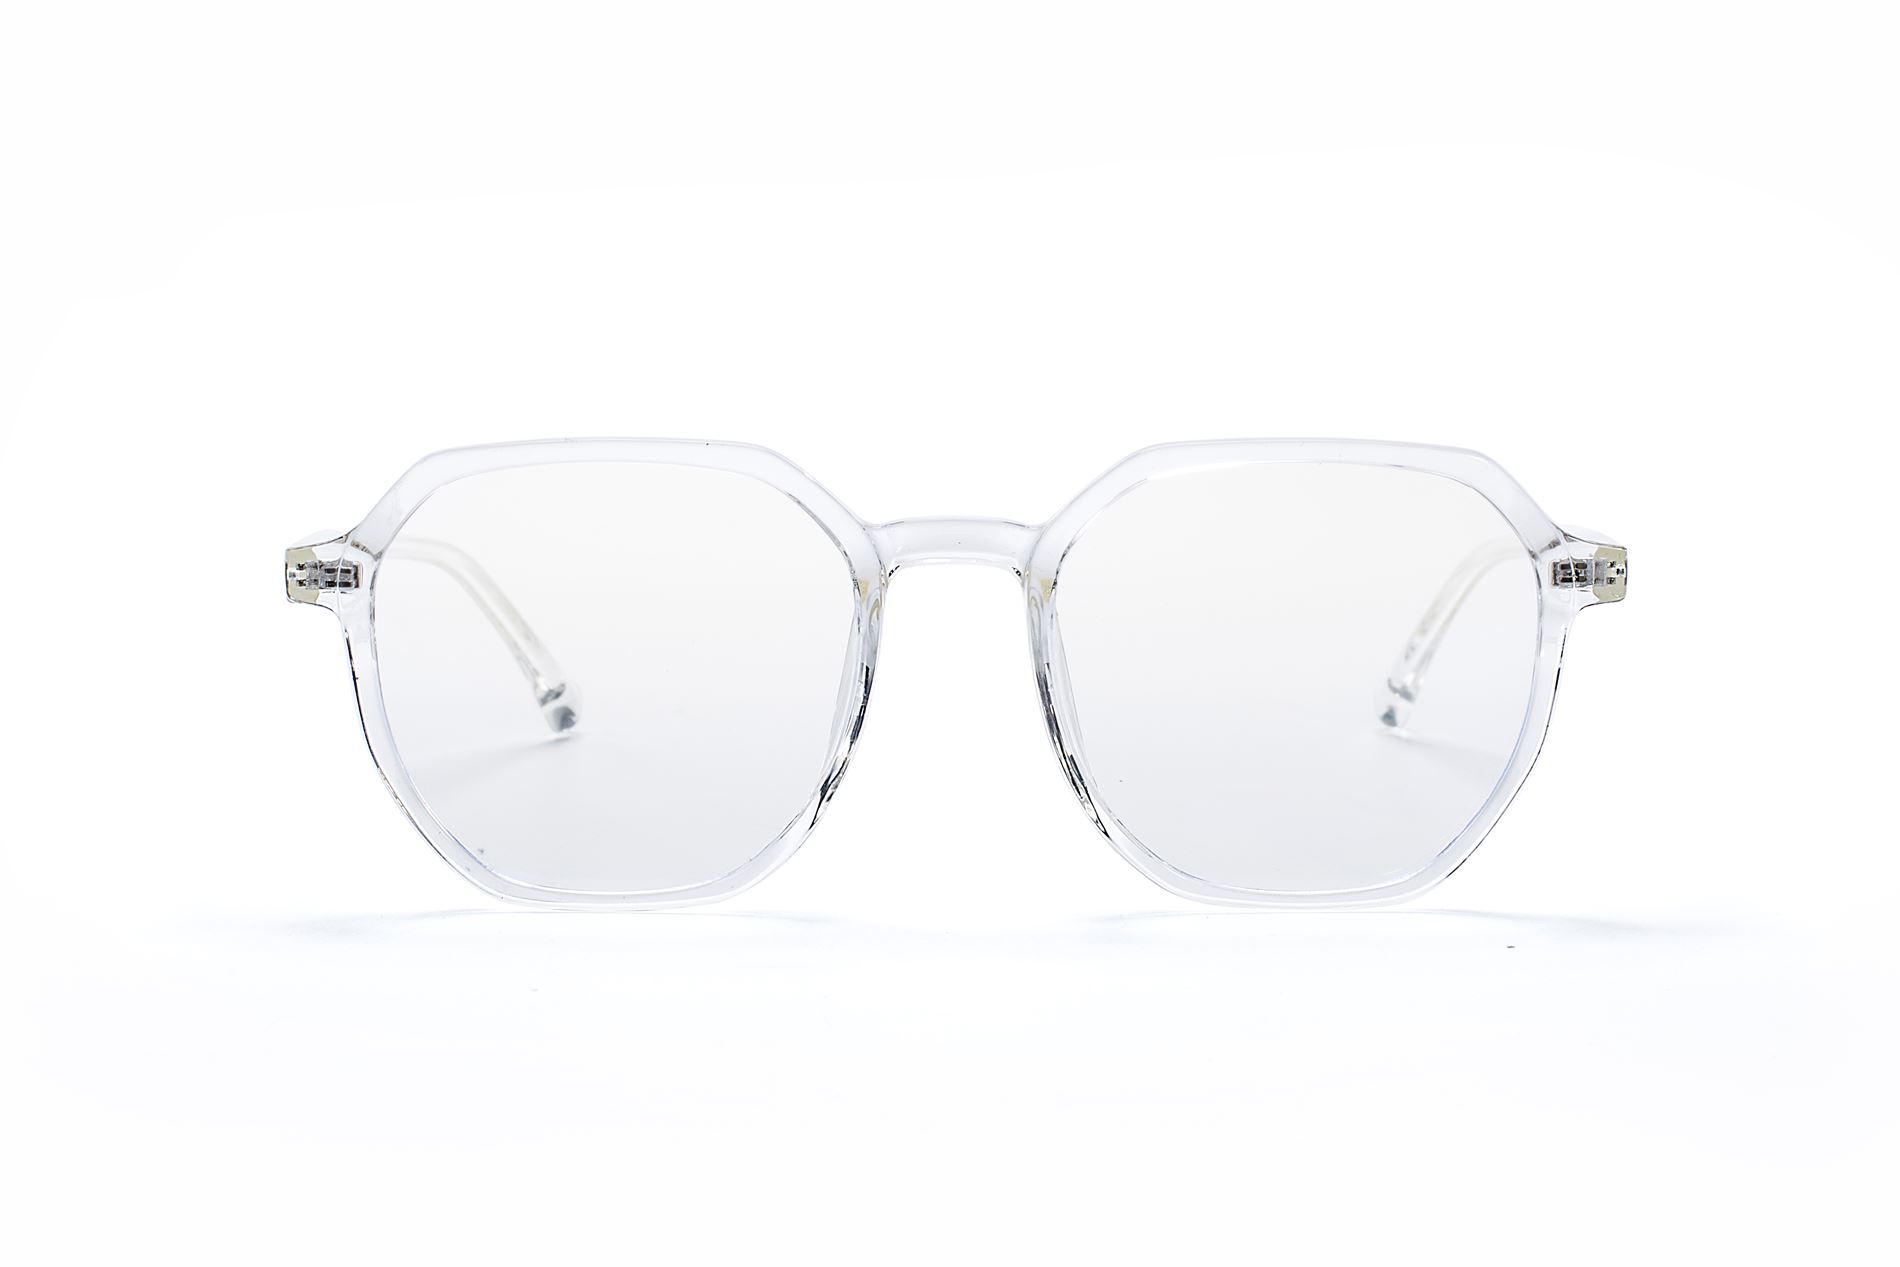 方形胶框抗蓝光眼镜 8399-C52